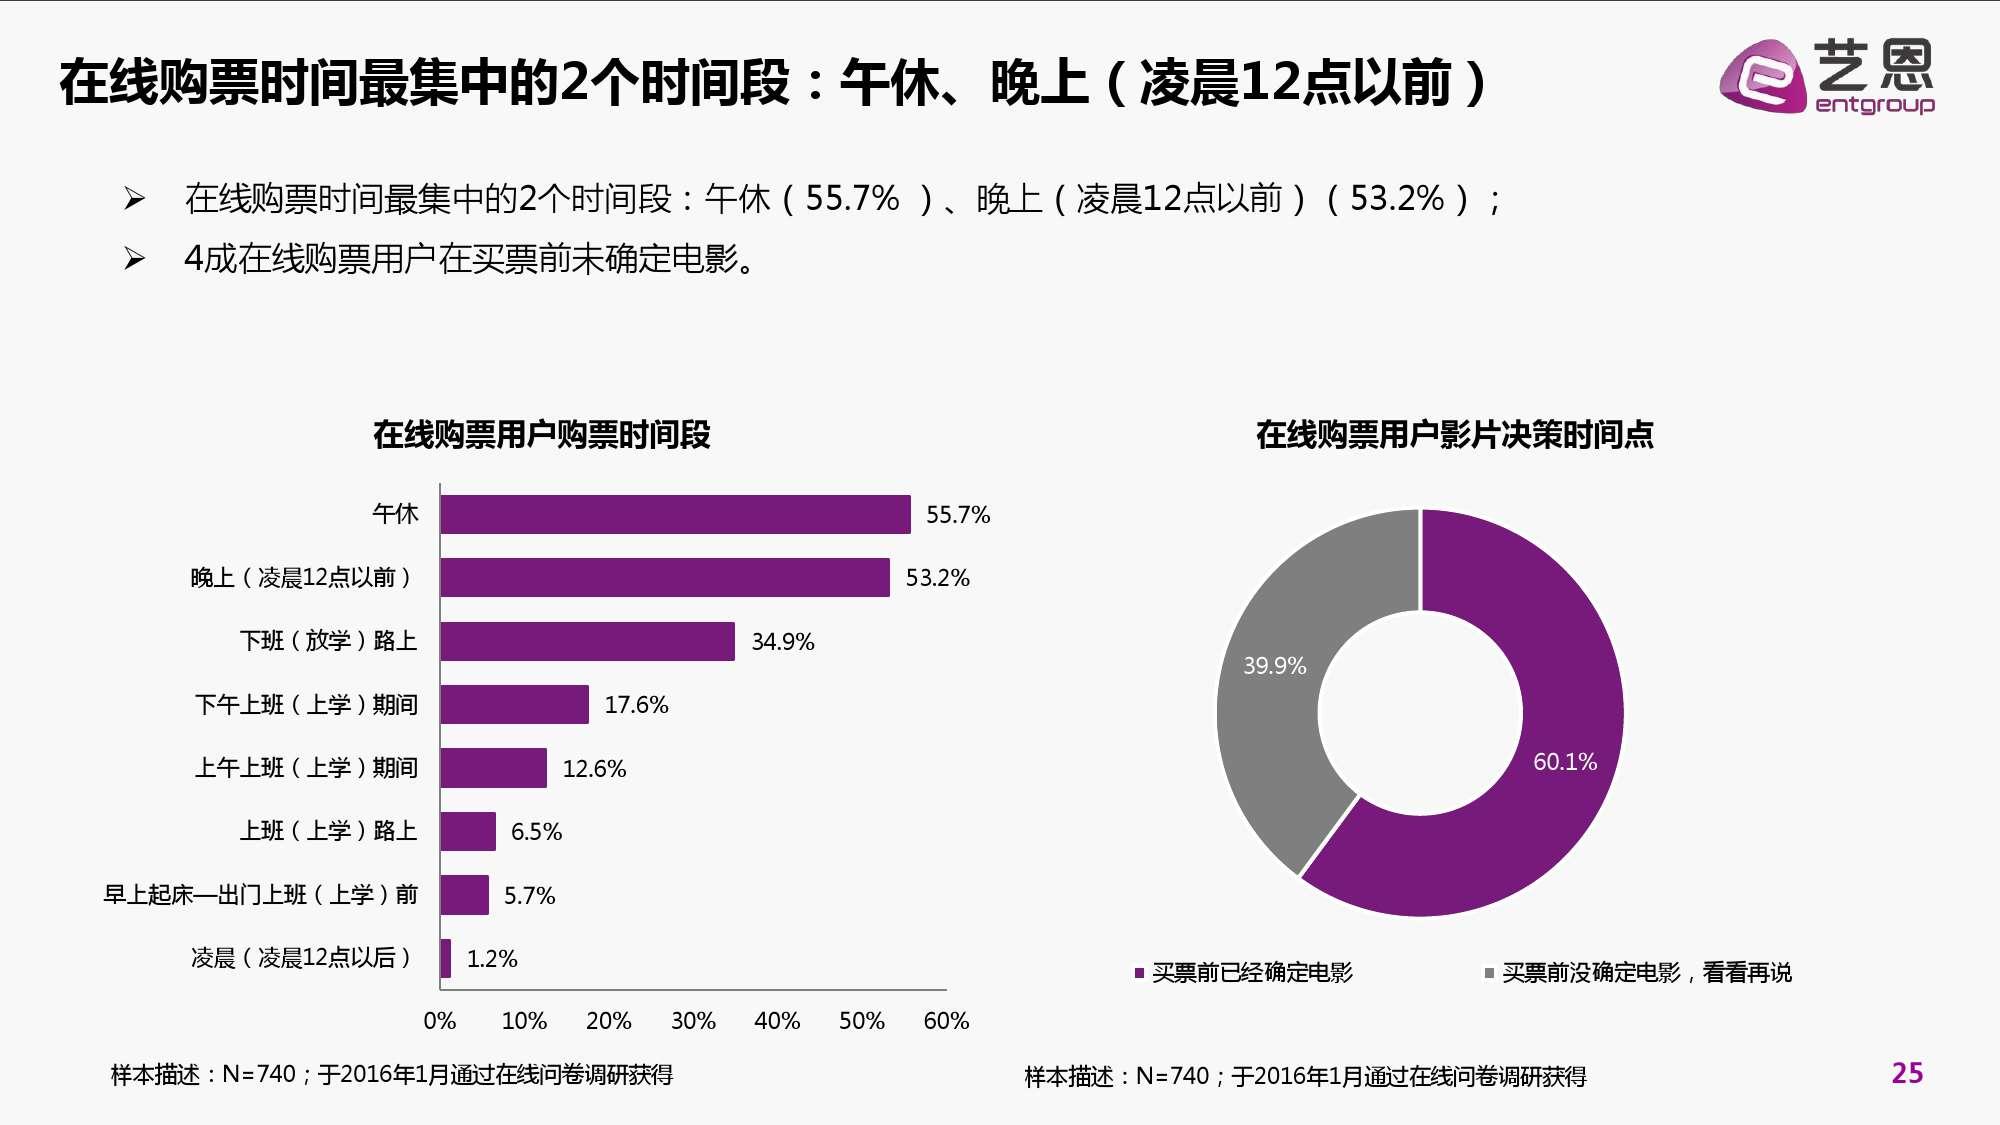 2016年中国电影在线票务市场研究报告_000025